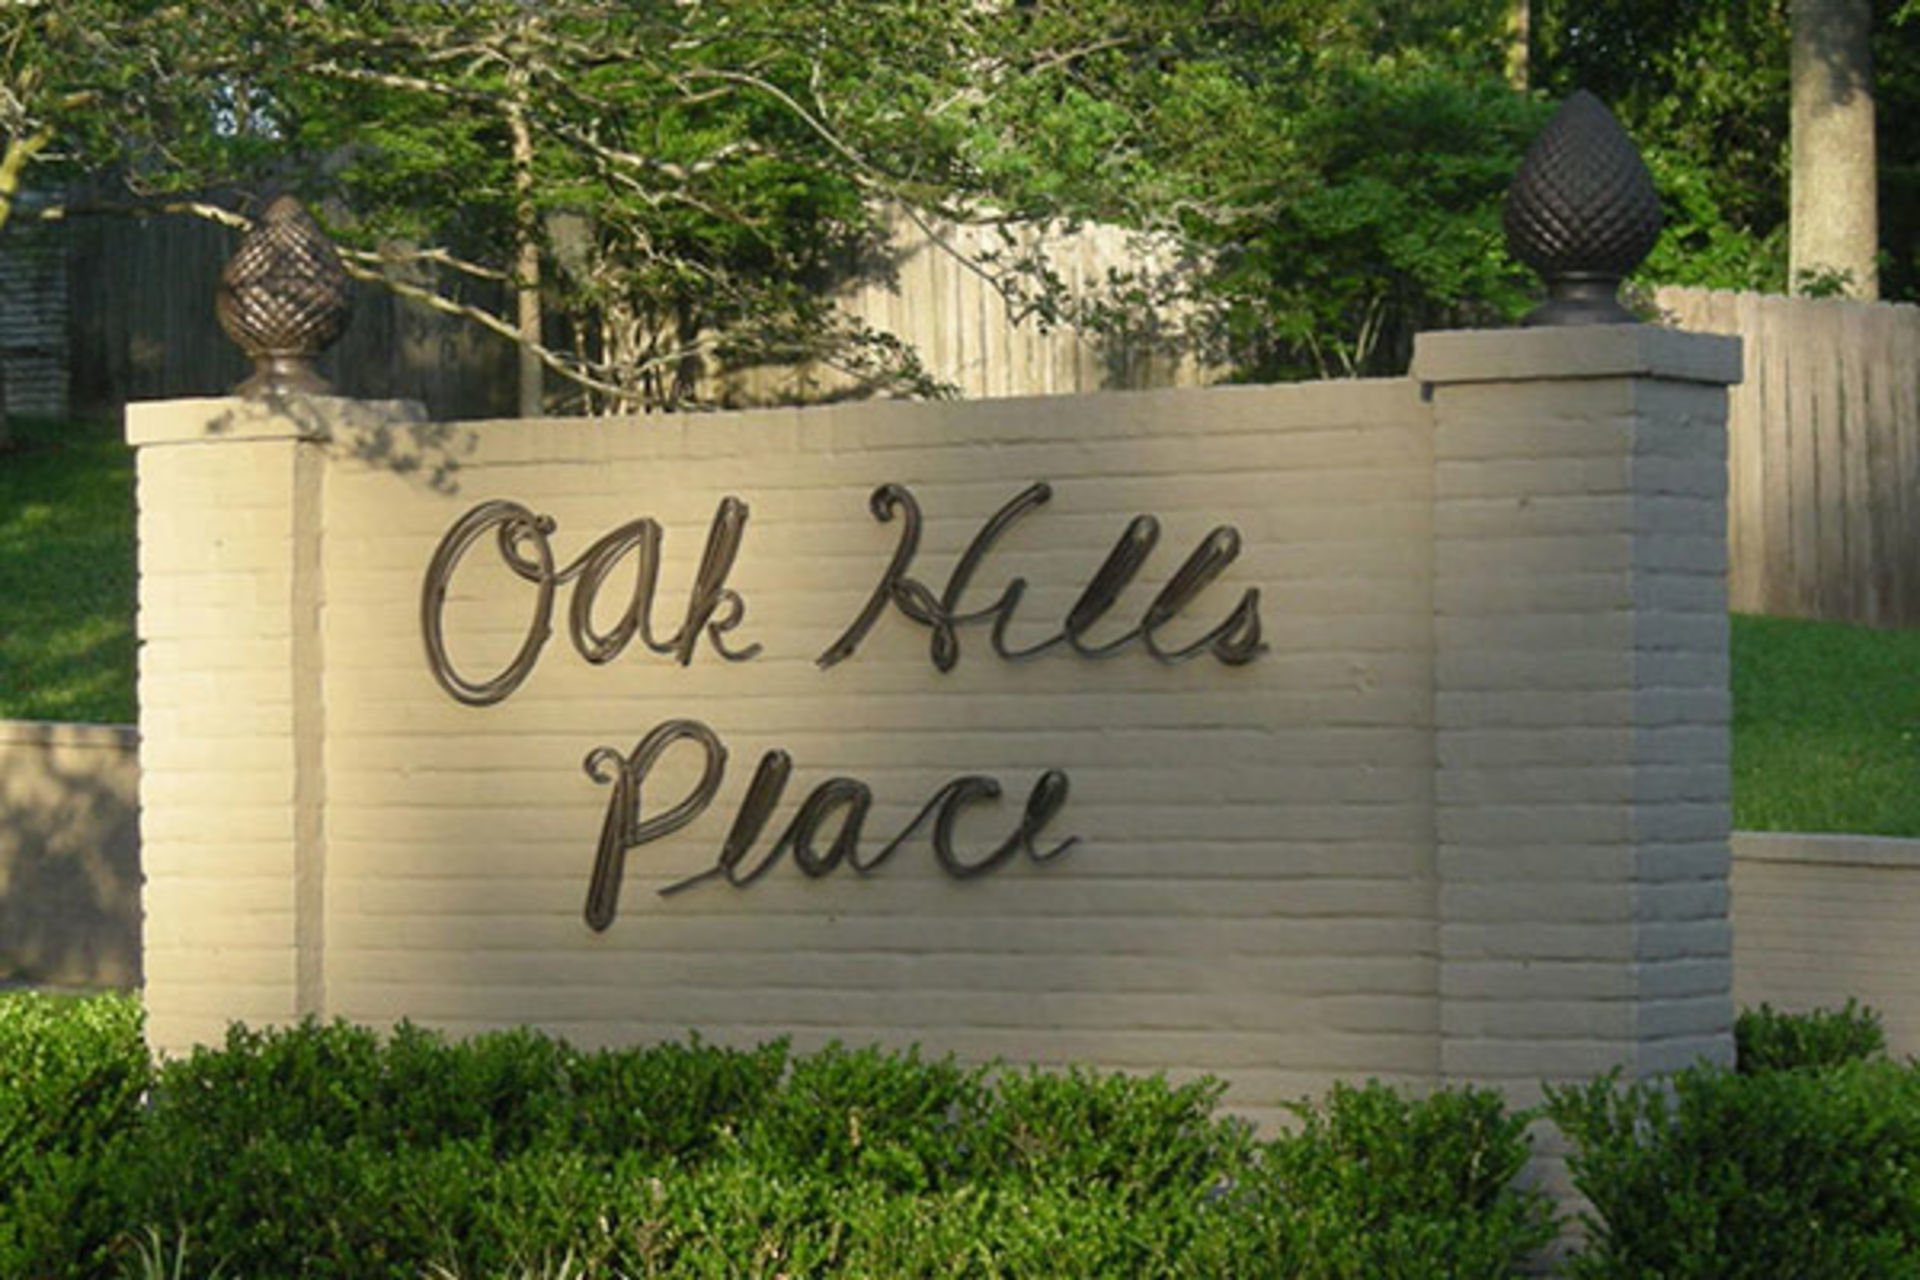 Oak Hills Place Subdivision